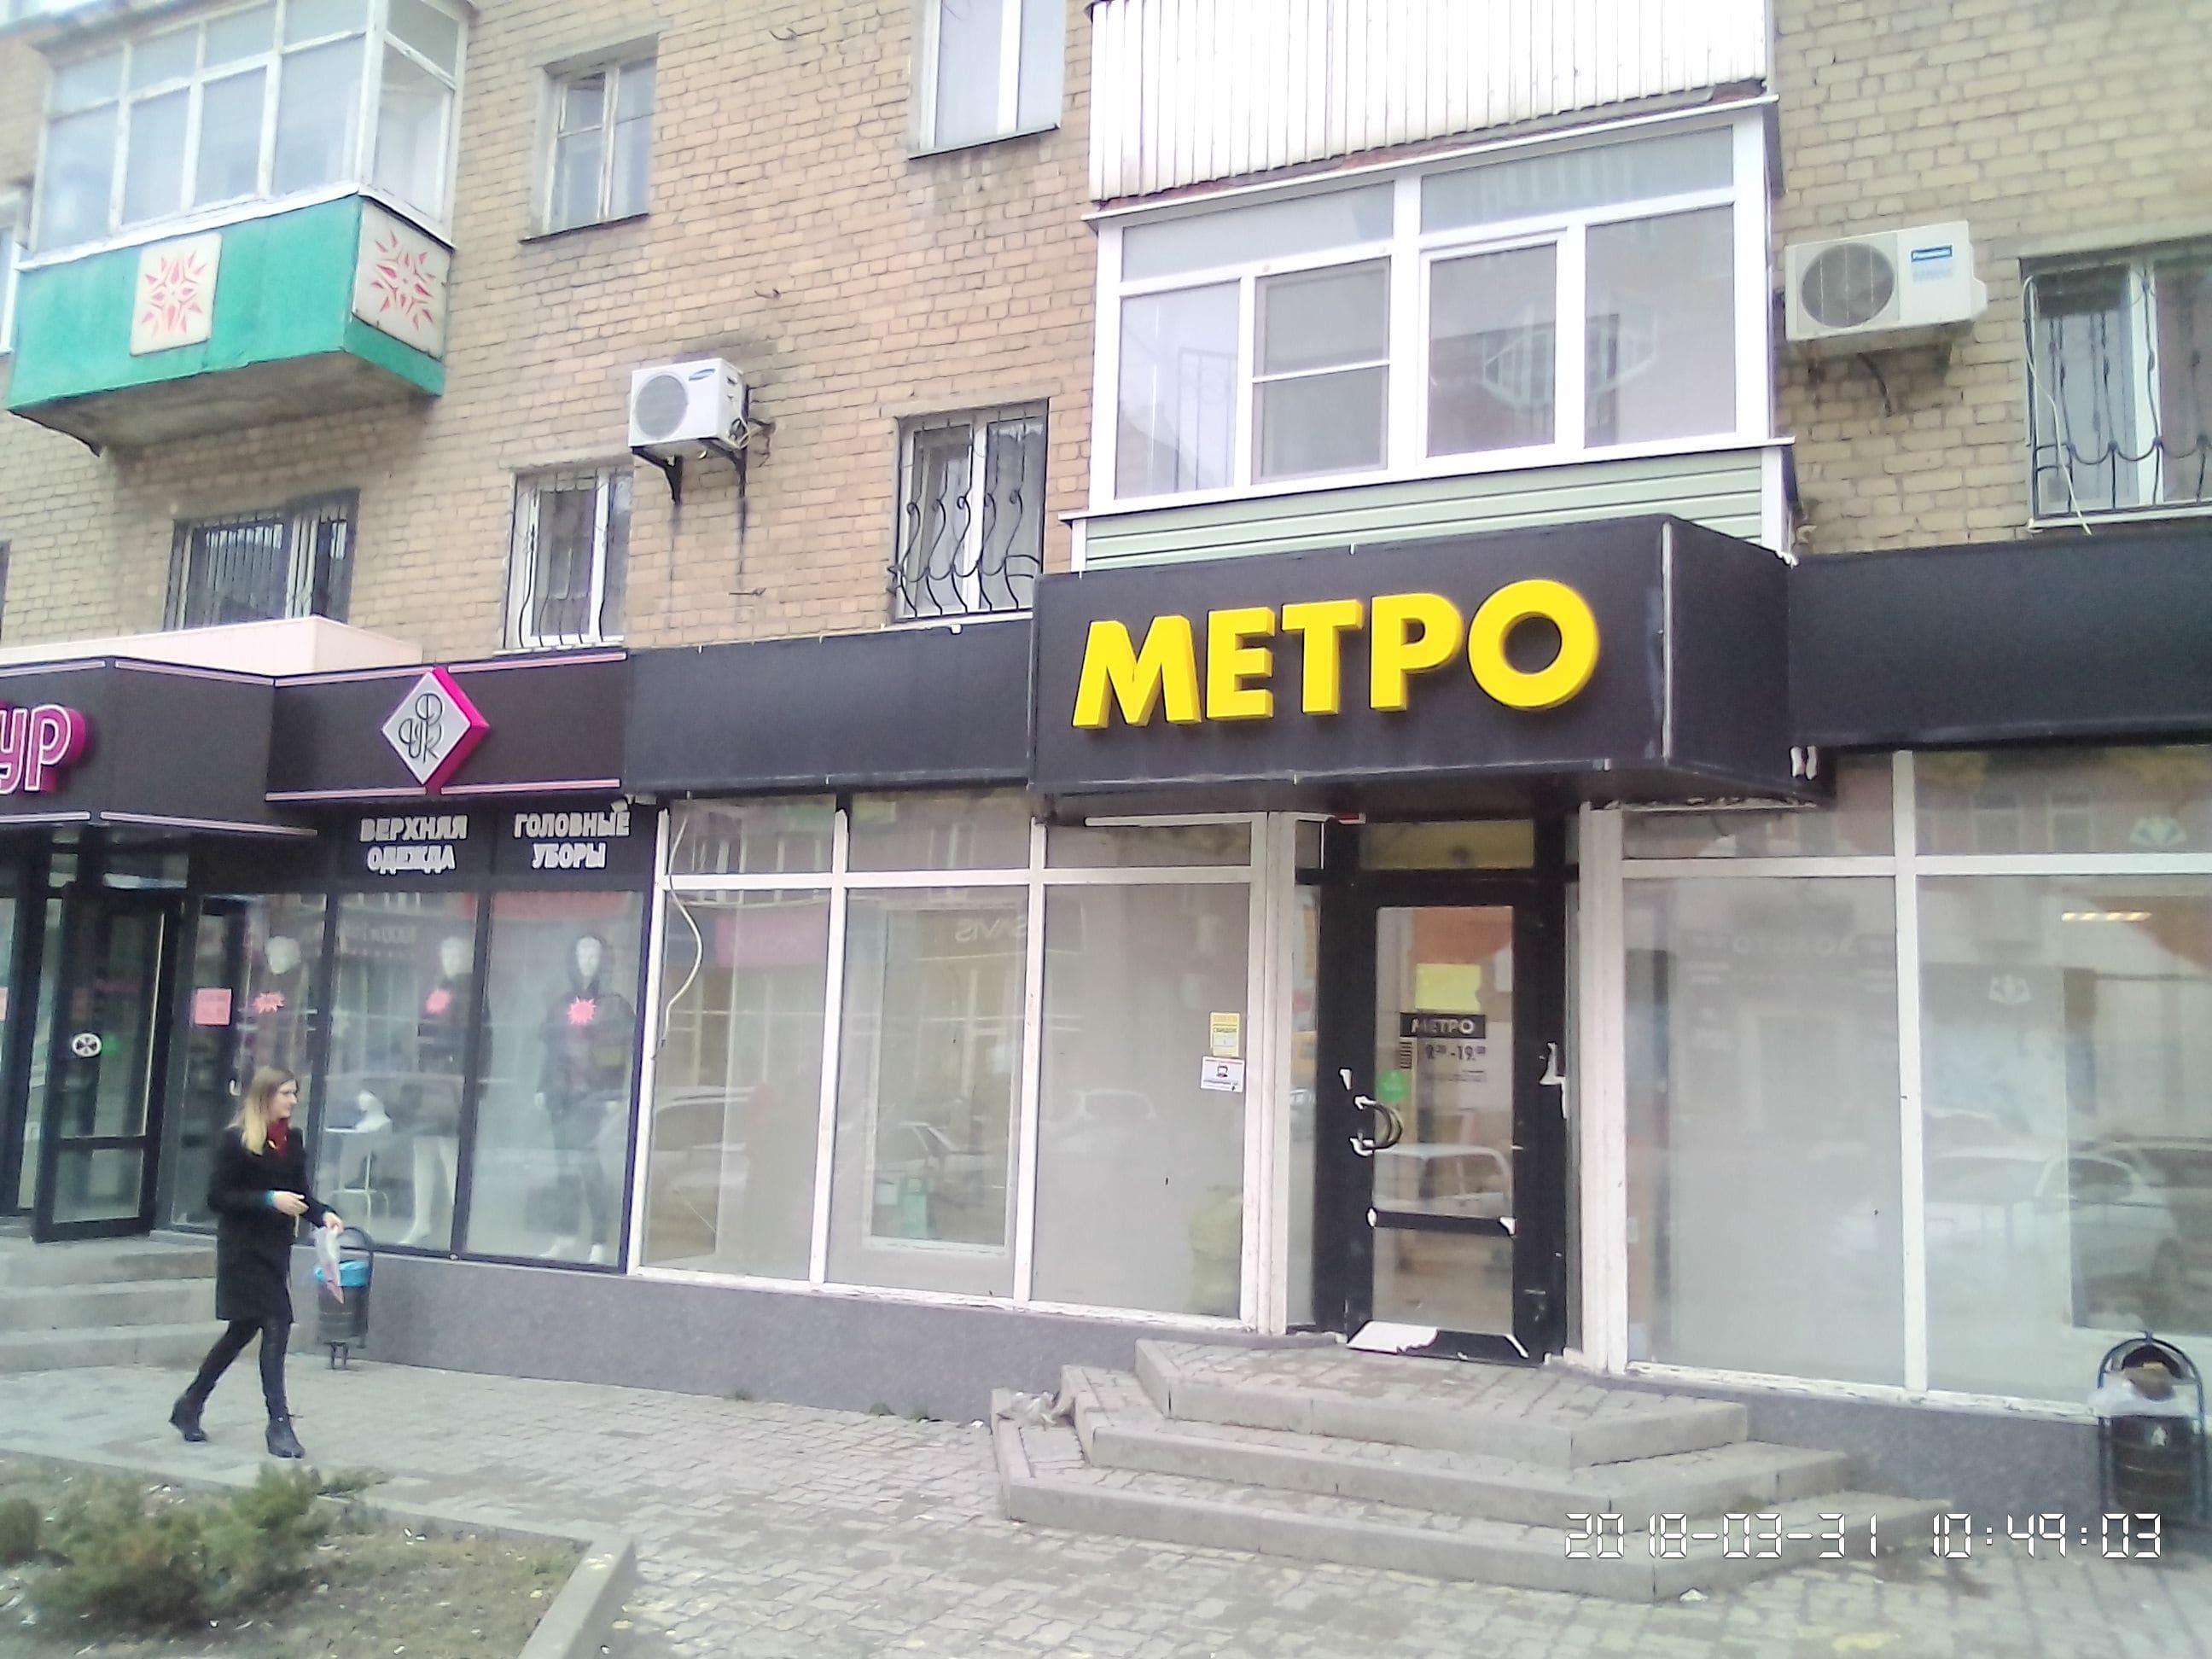 Рекламная вывеска Метро